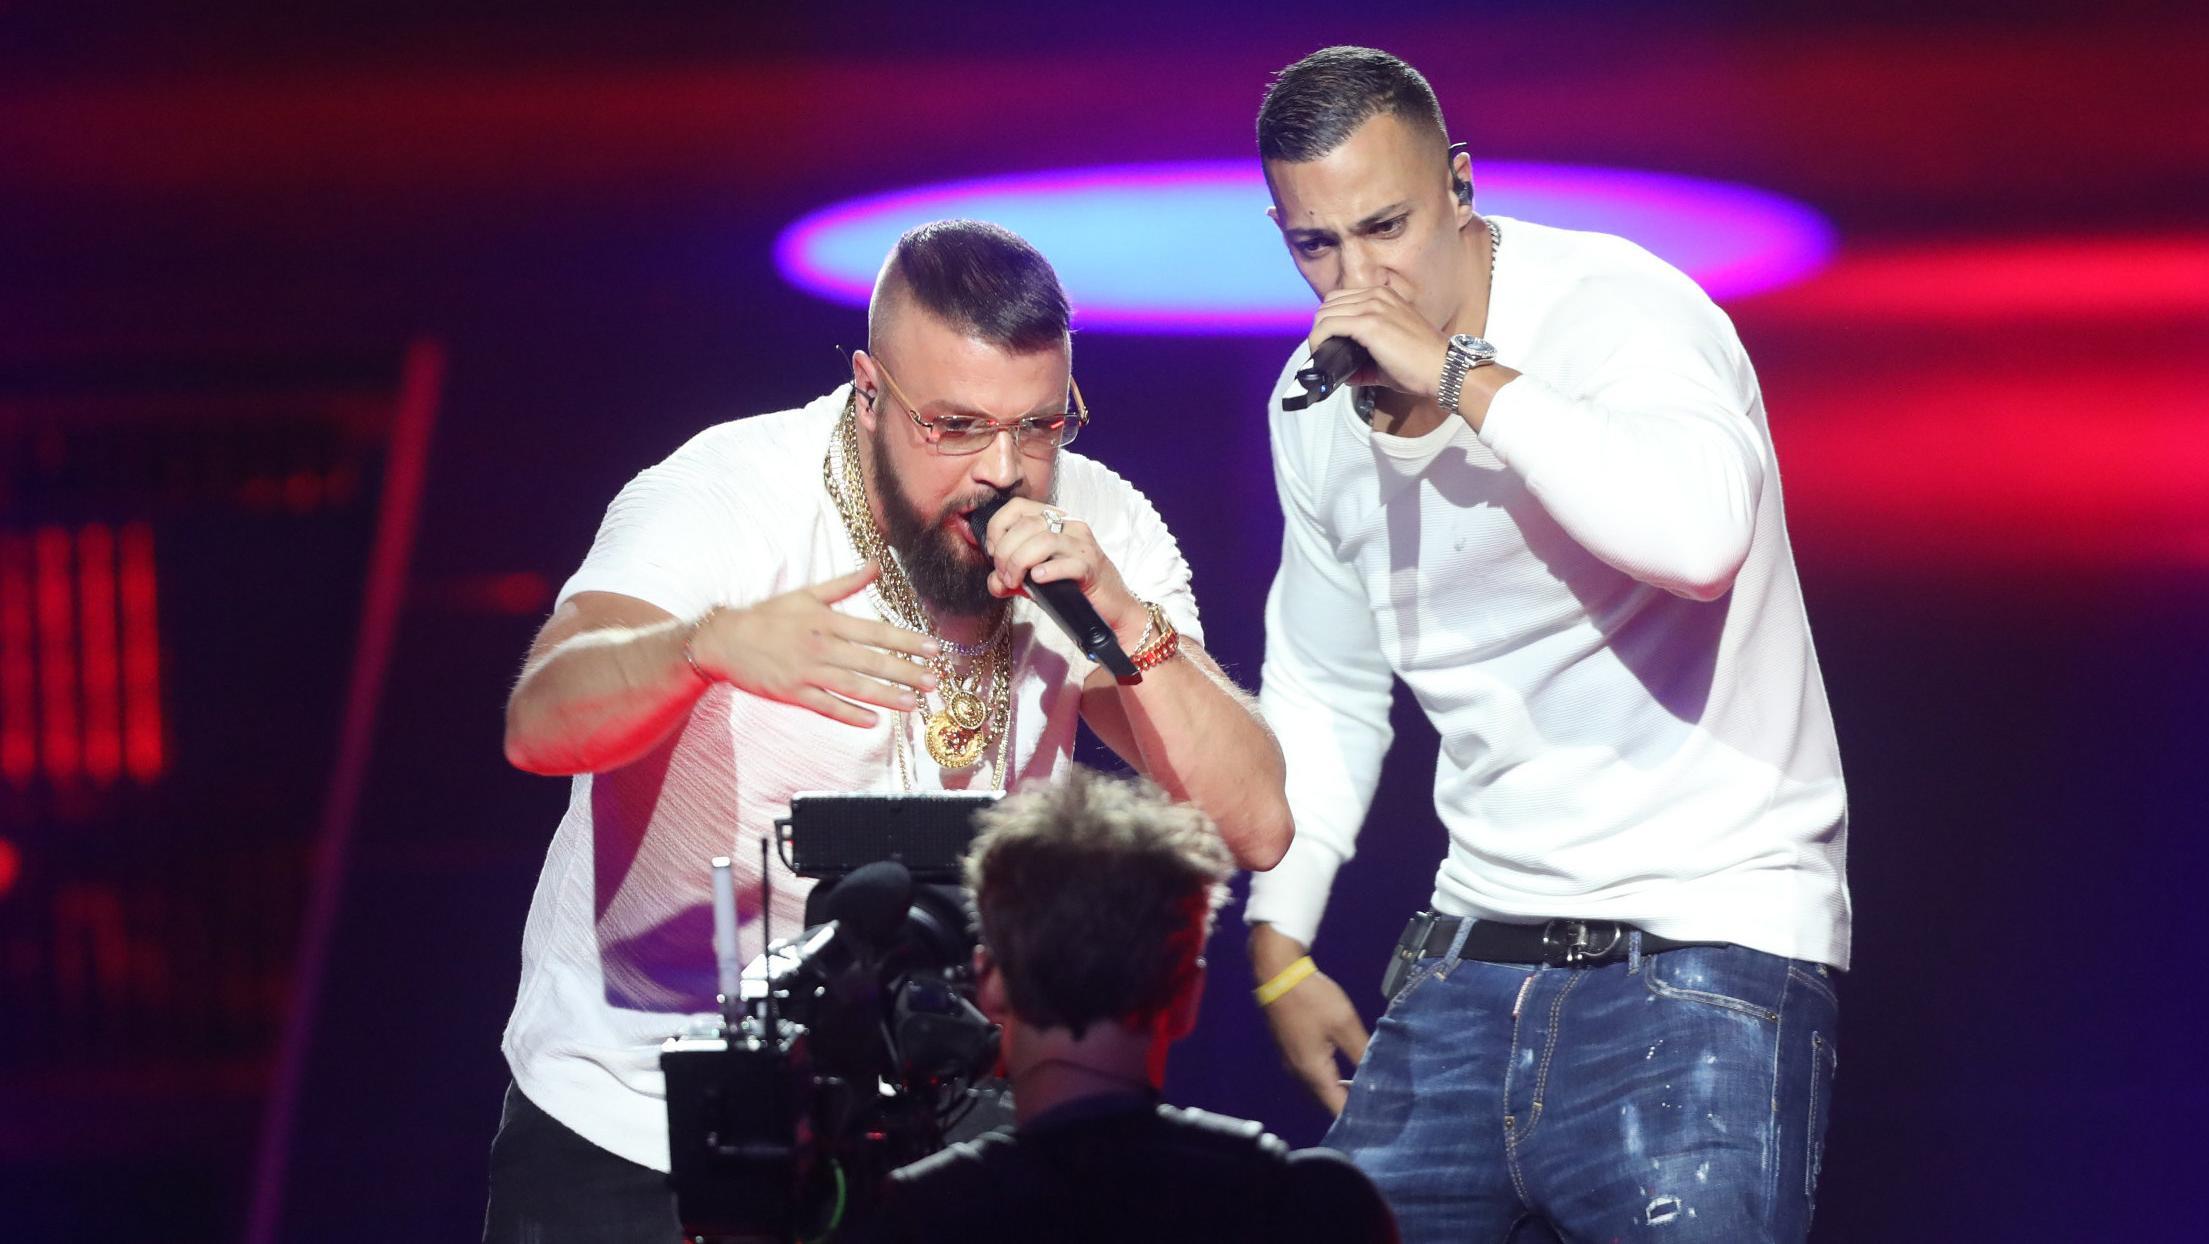 Die beiden Rapper vor der Fernsehkamera